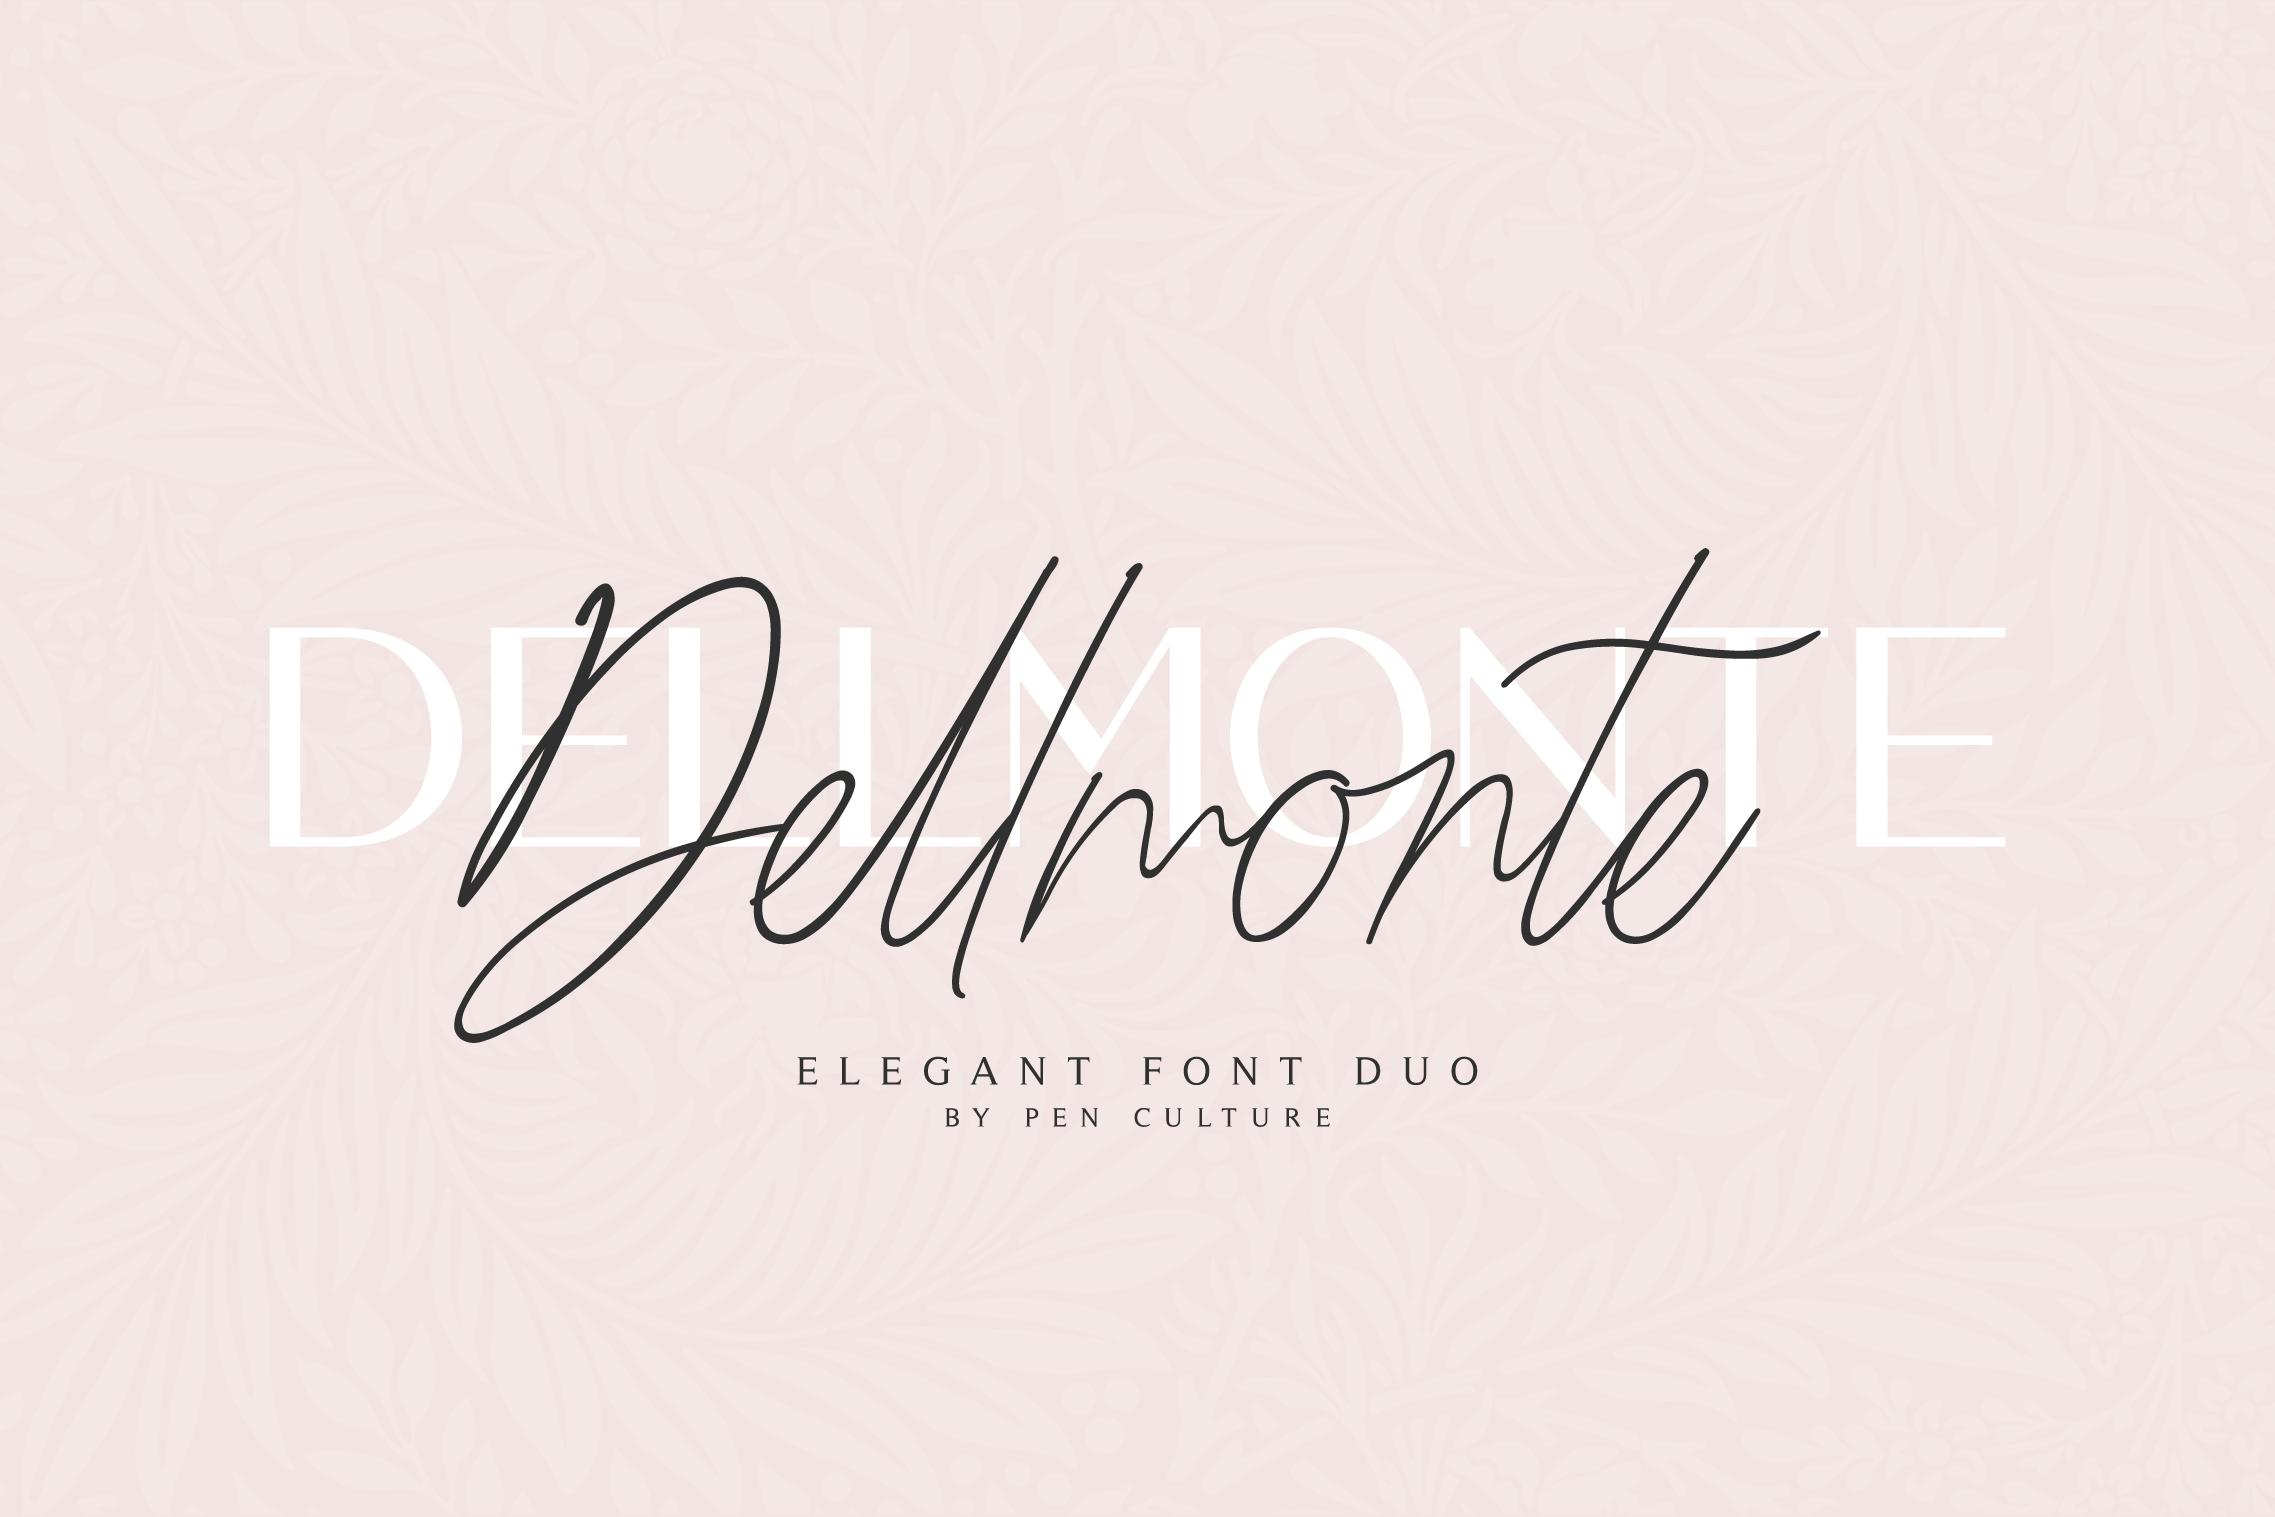 Dellmonte - Elegant Font Duo example image 8